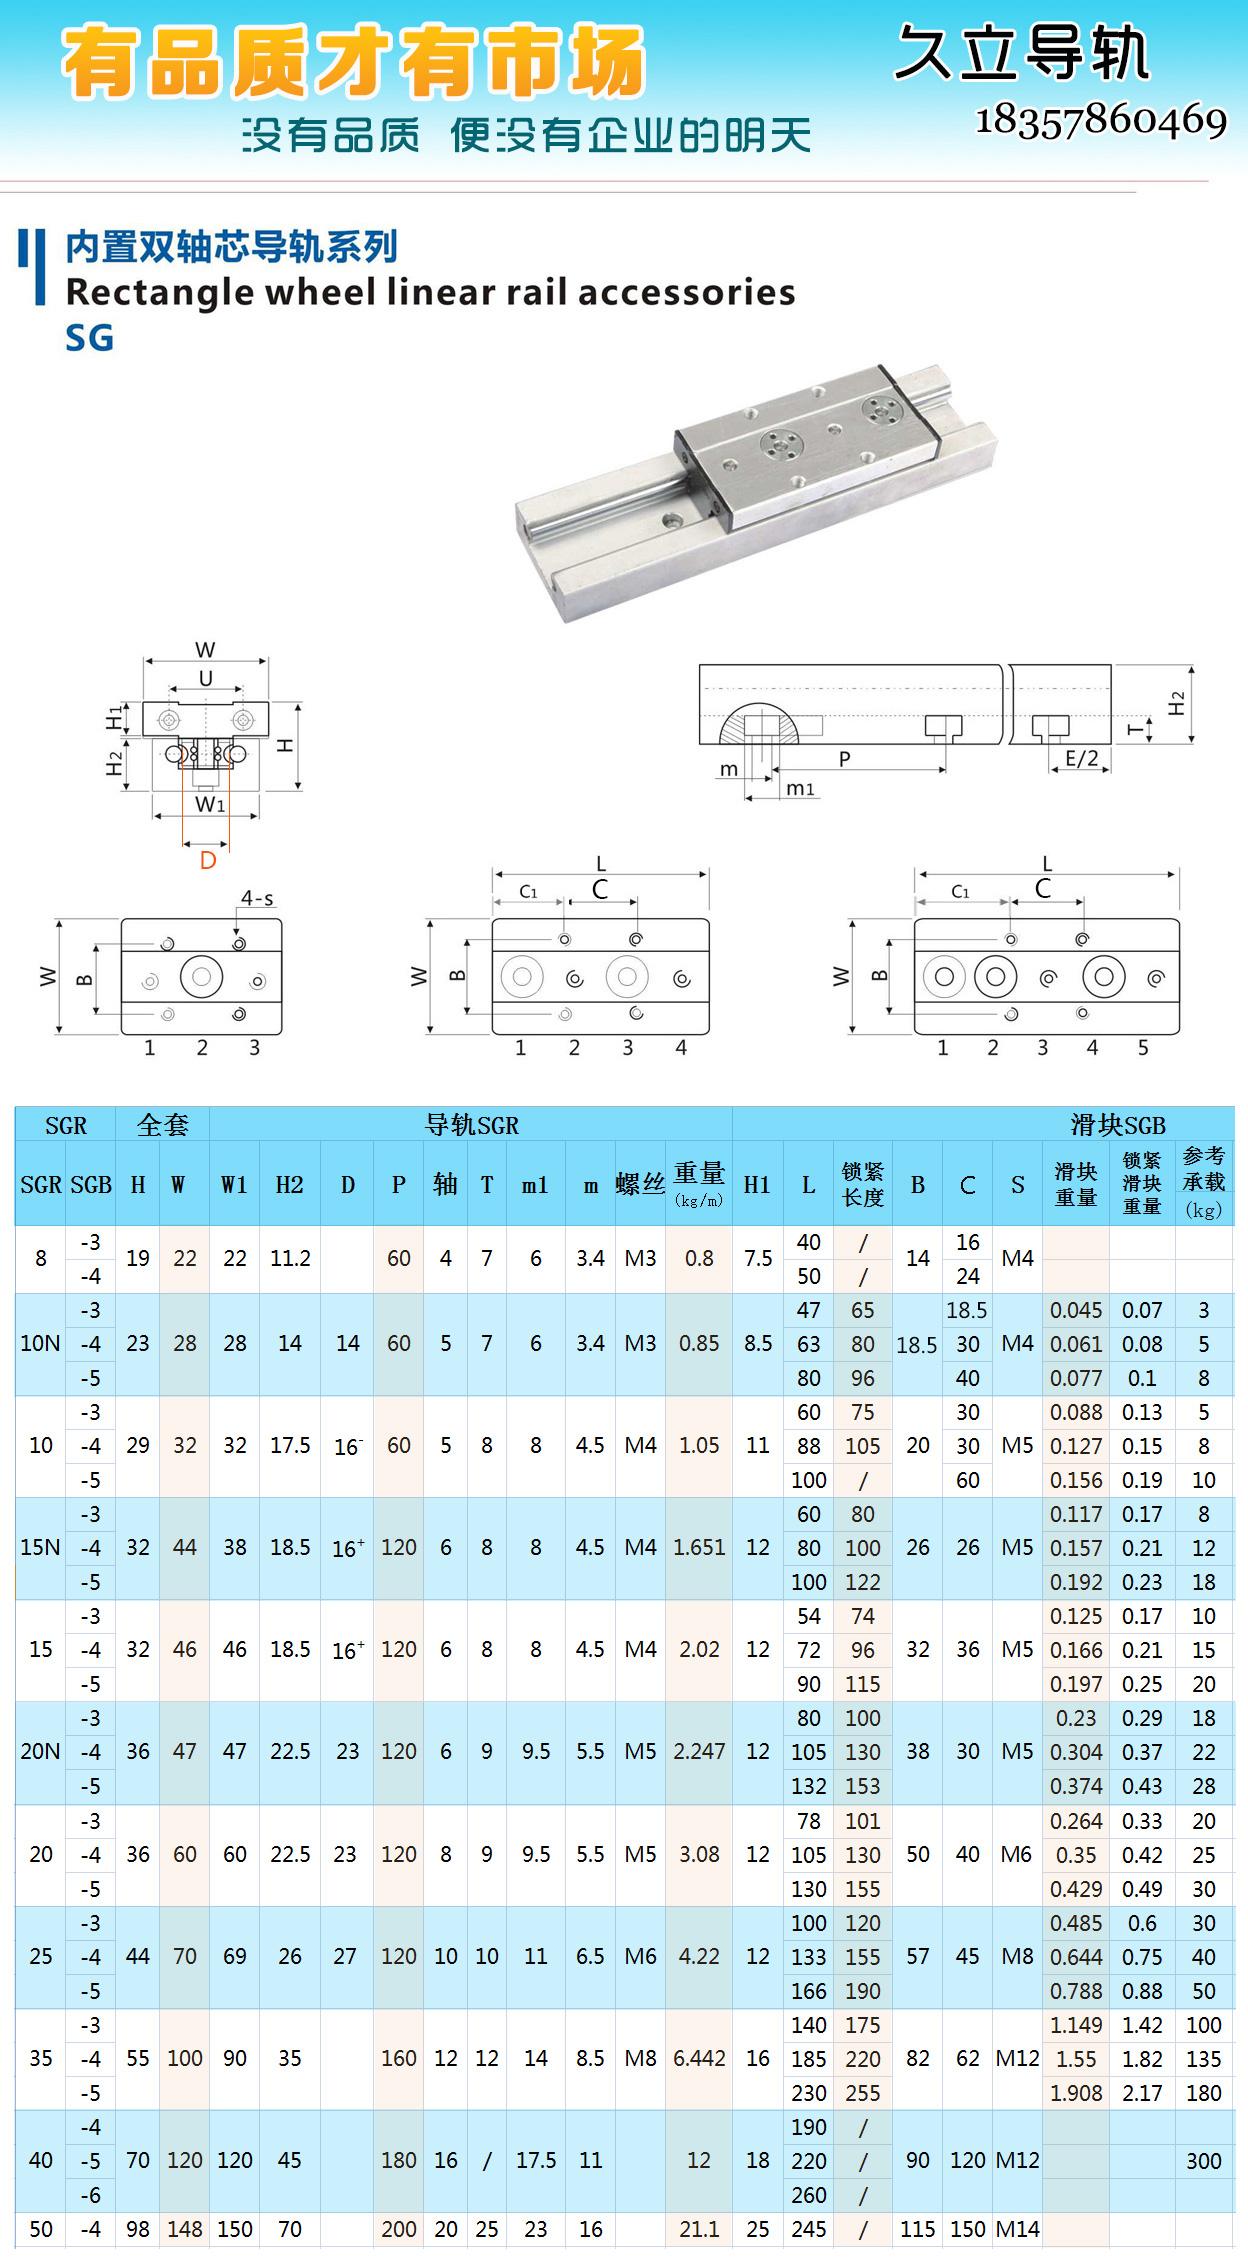 锁紧内置双轴心直线导轨SGR10 15N 20 25 35滑块光轴滑轨摄影器材 (图12)